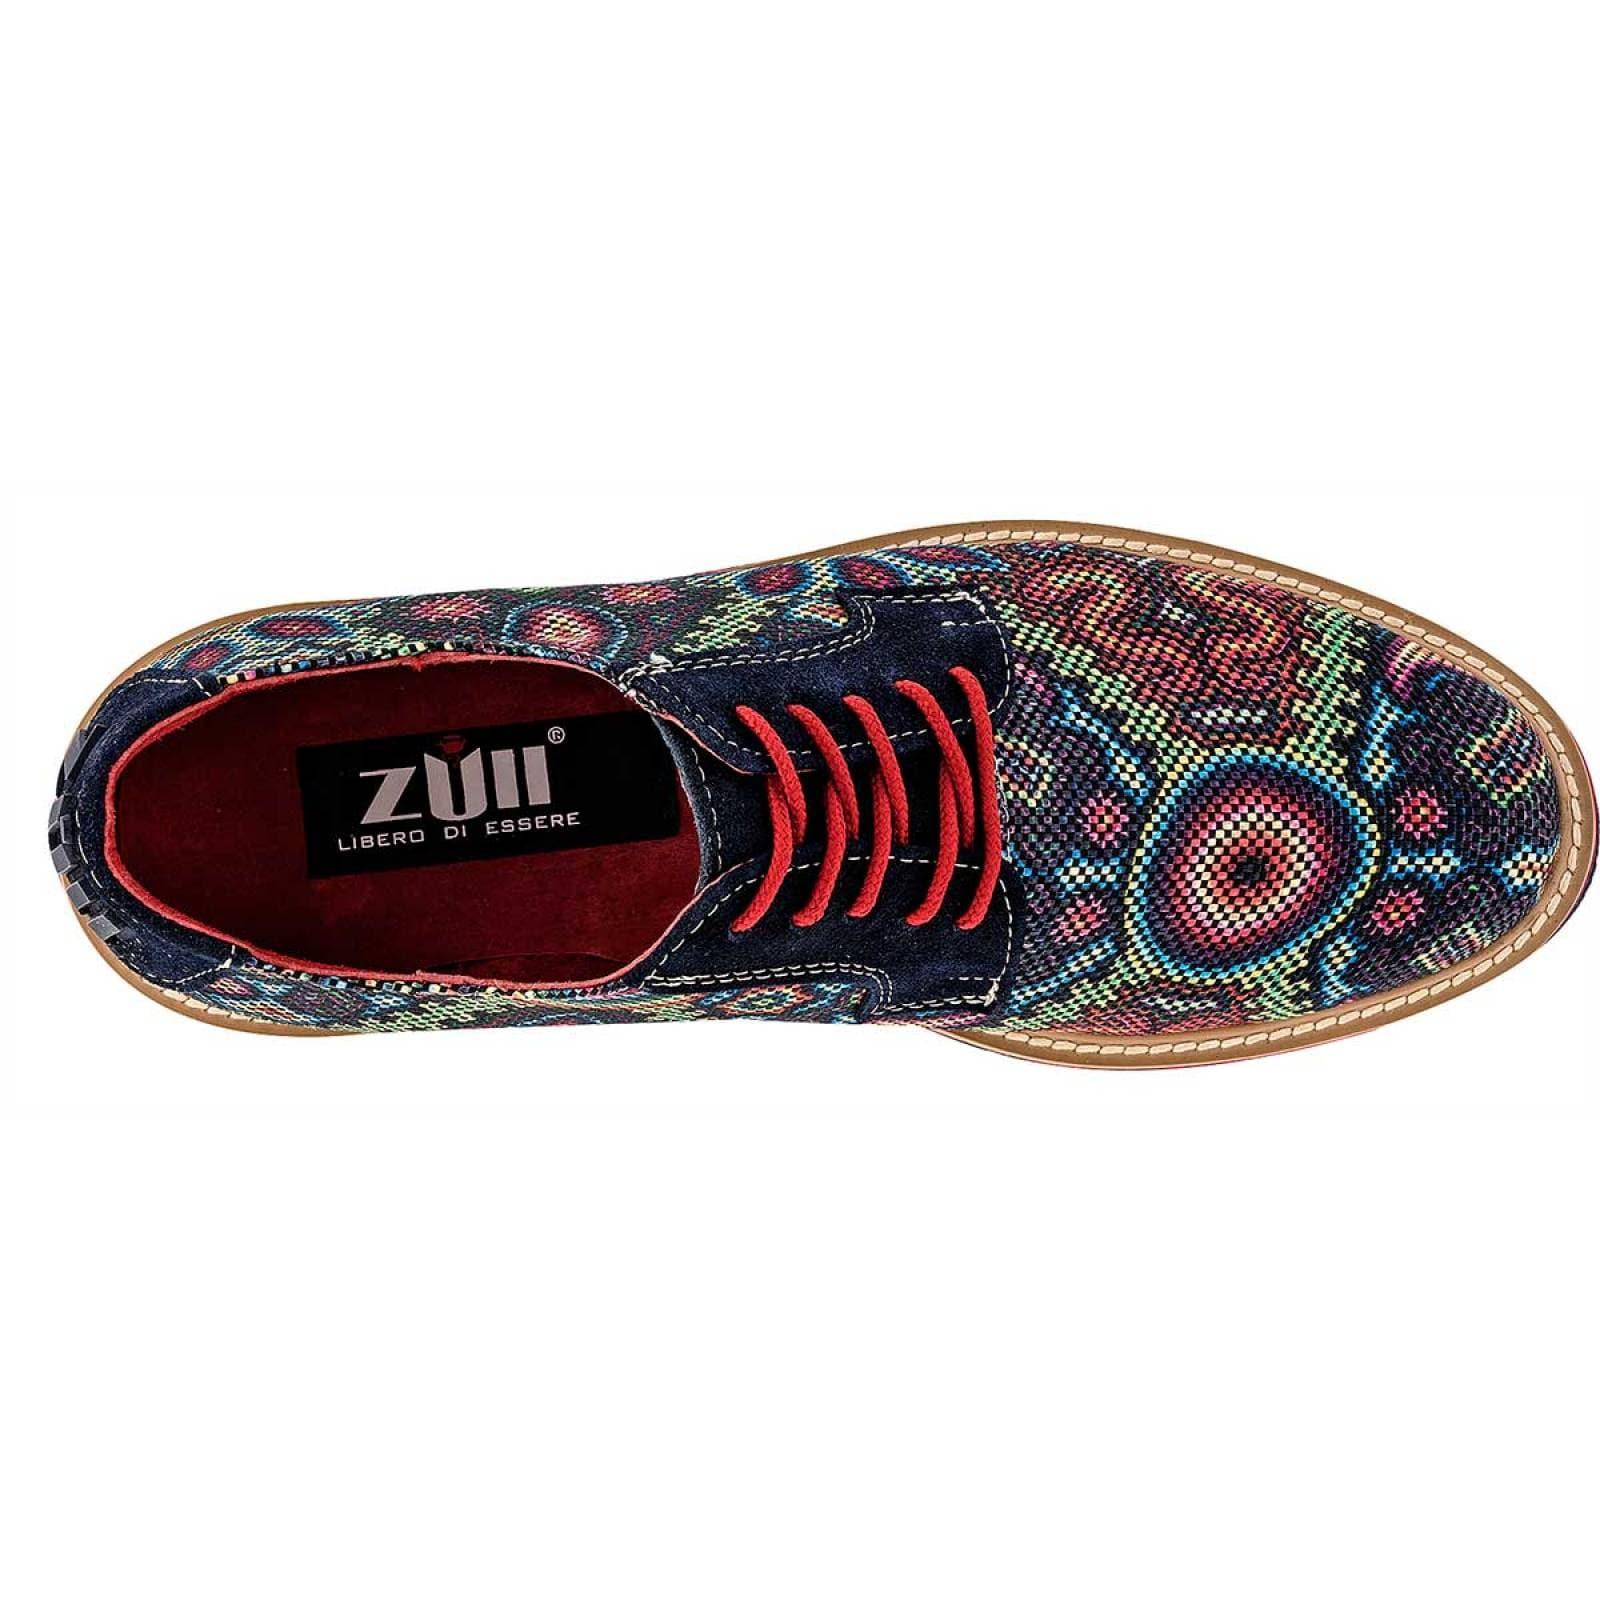 Zull Zapato Hombre Marino multicolor